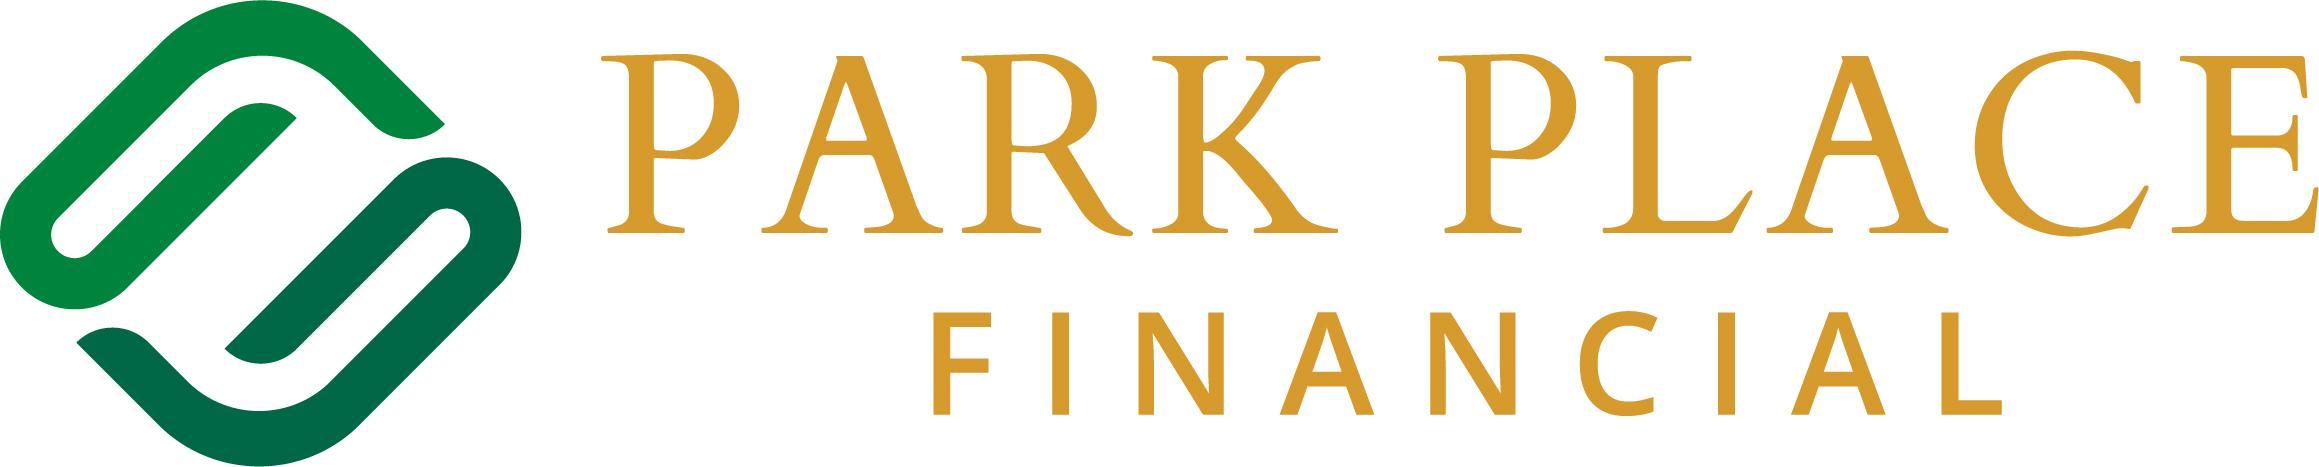 Park Place Financial